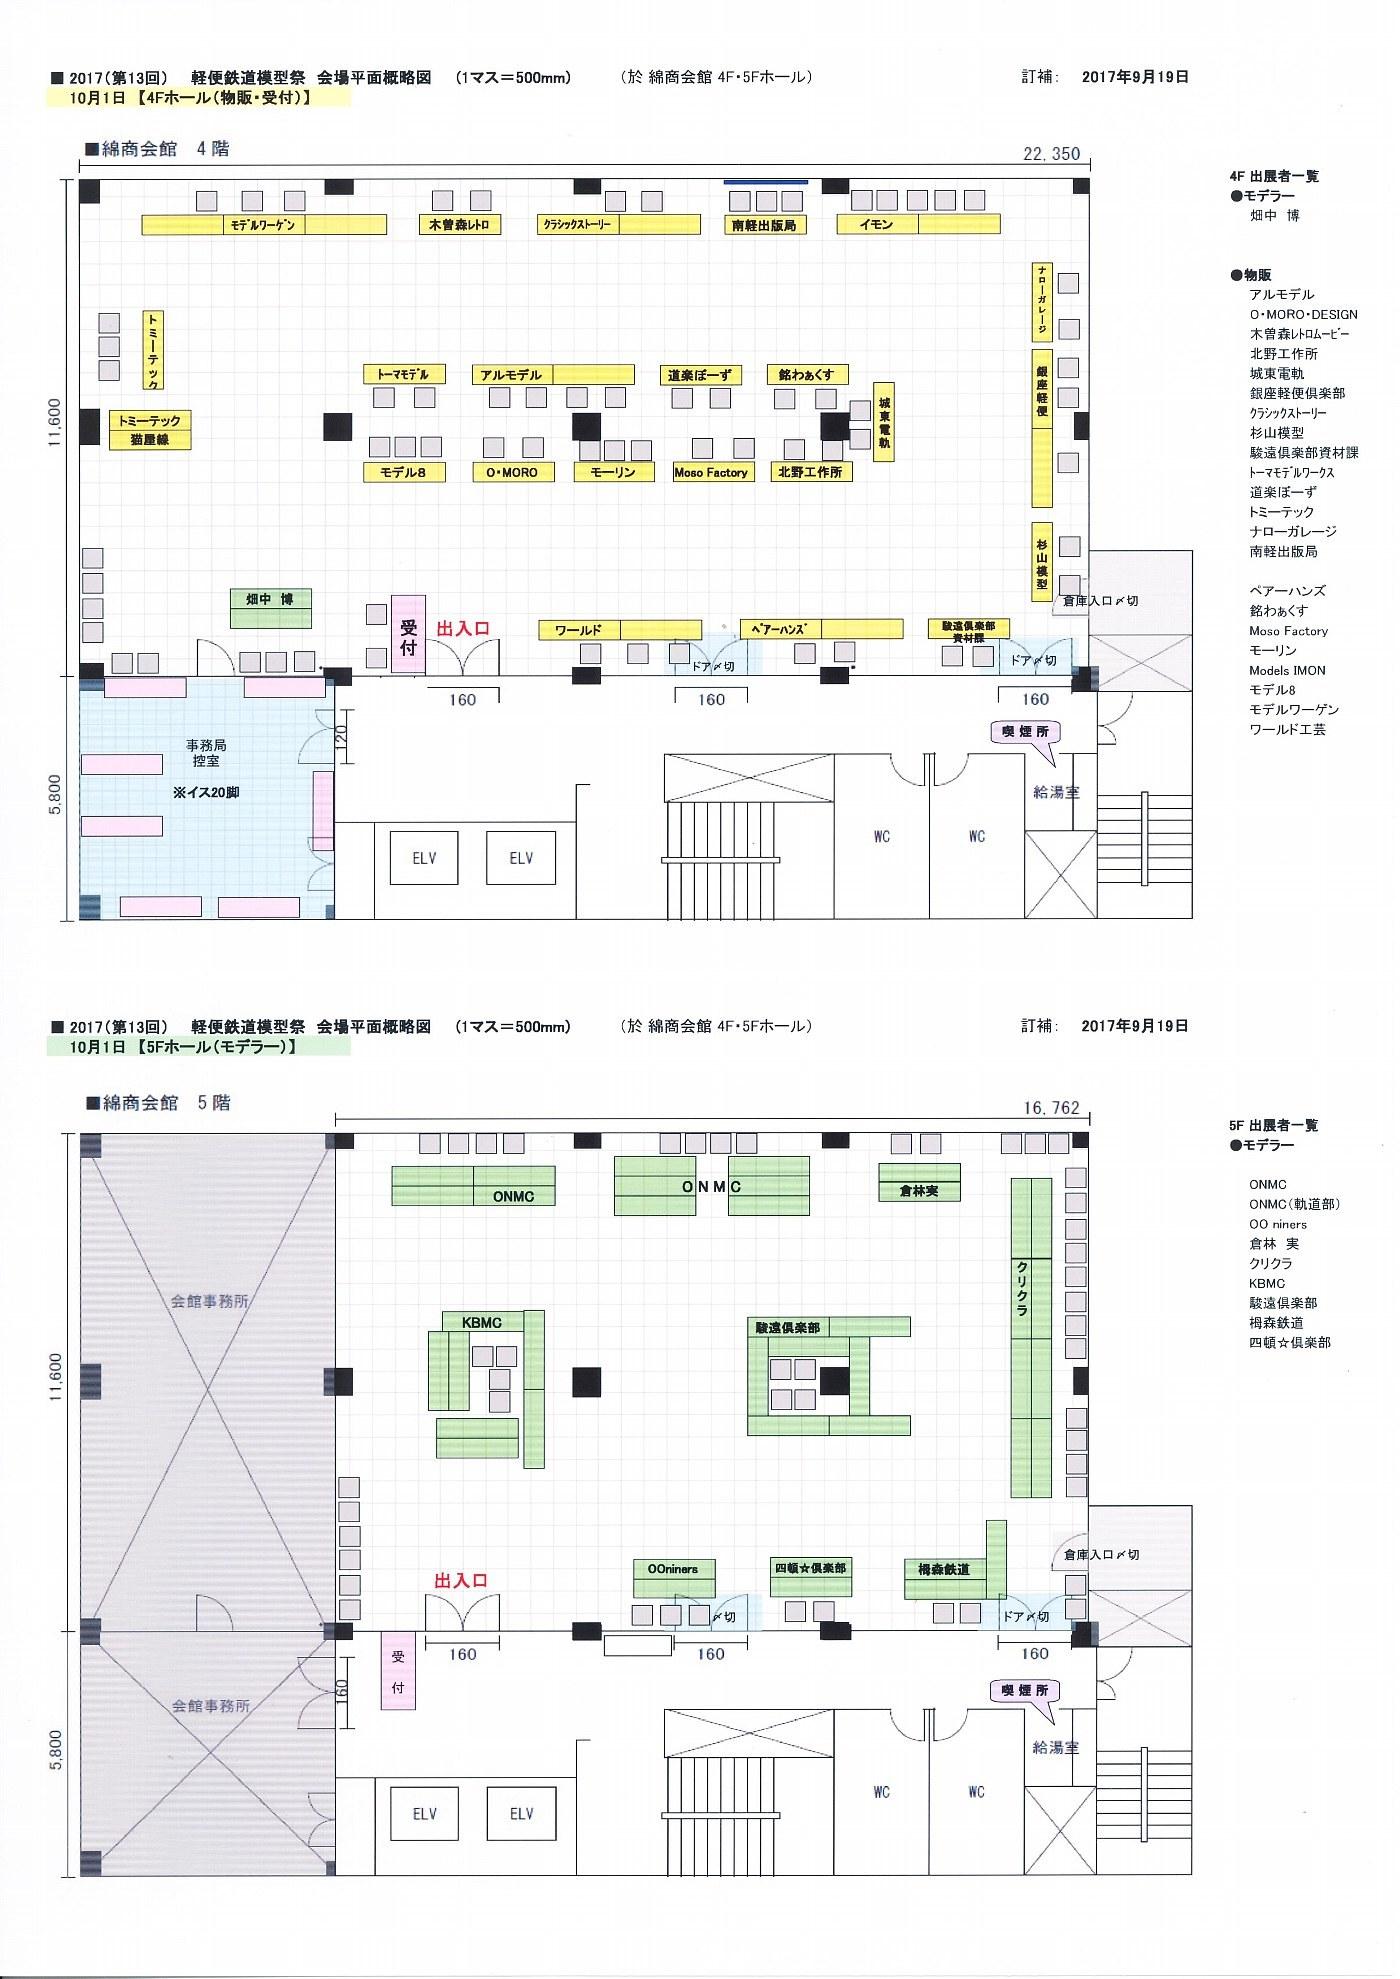 第13回軽便鉄道模型祭 総合ご案内_a0100812_00075349.jpg